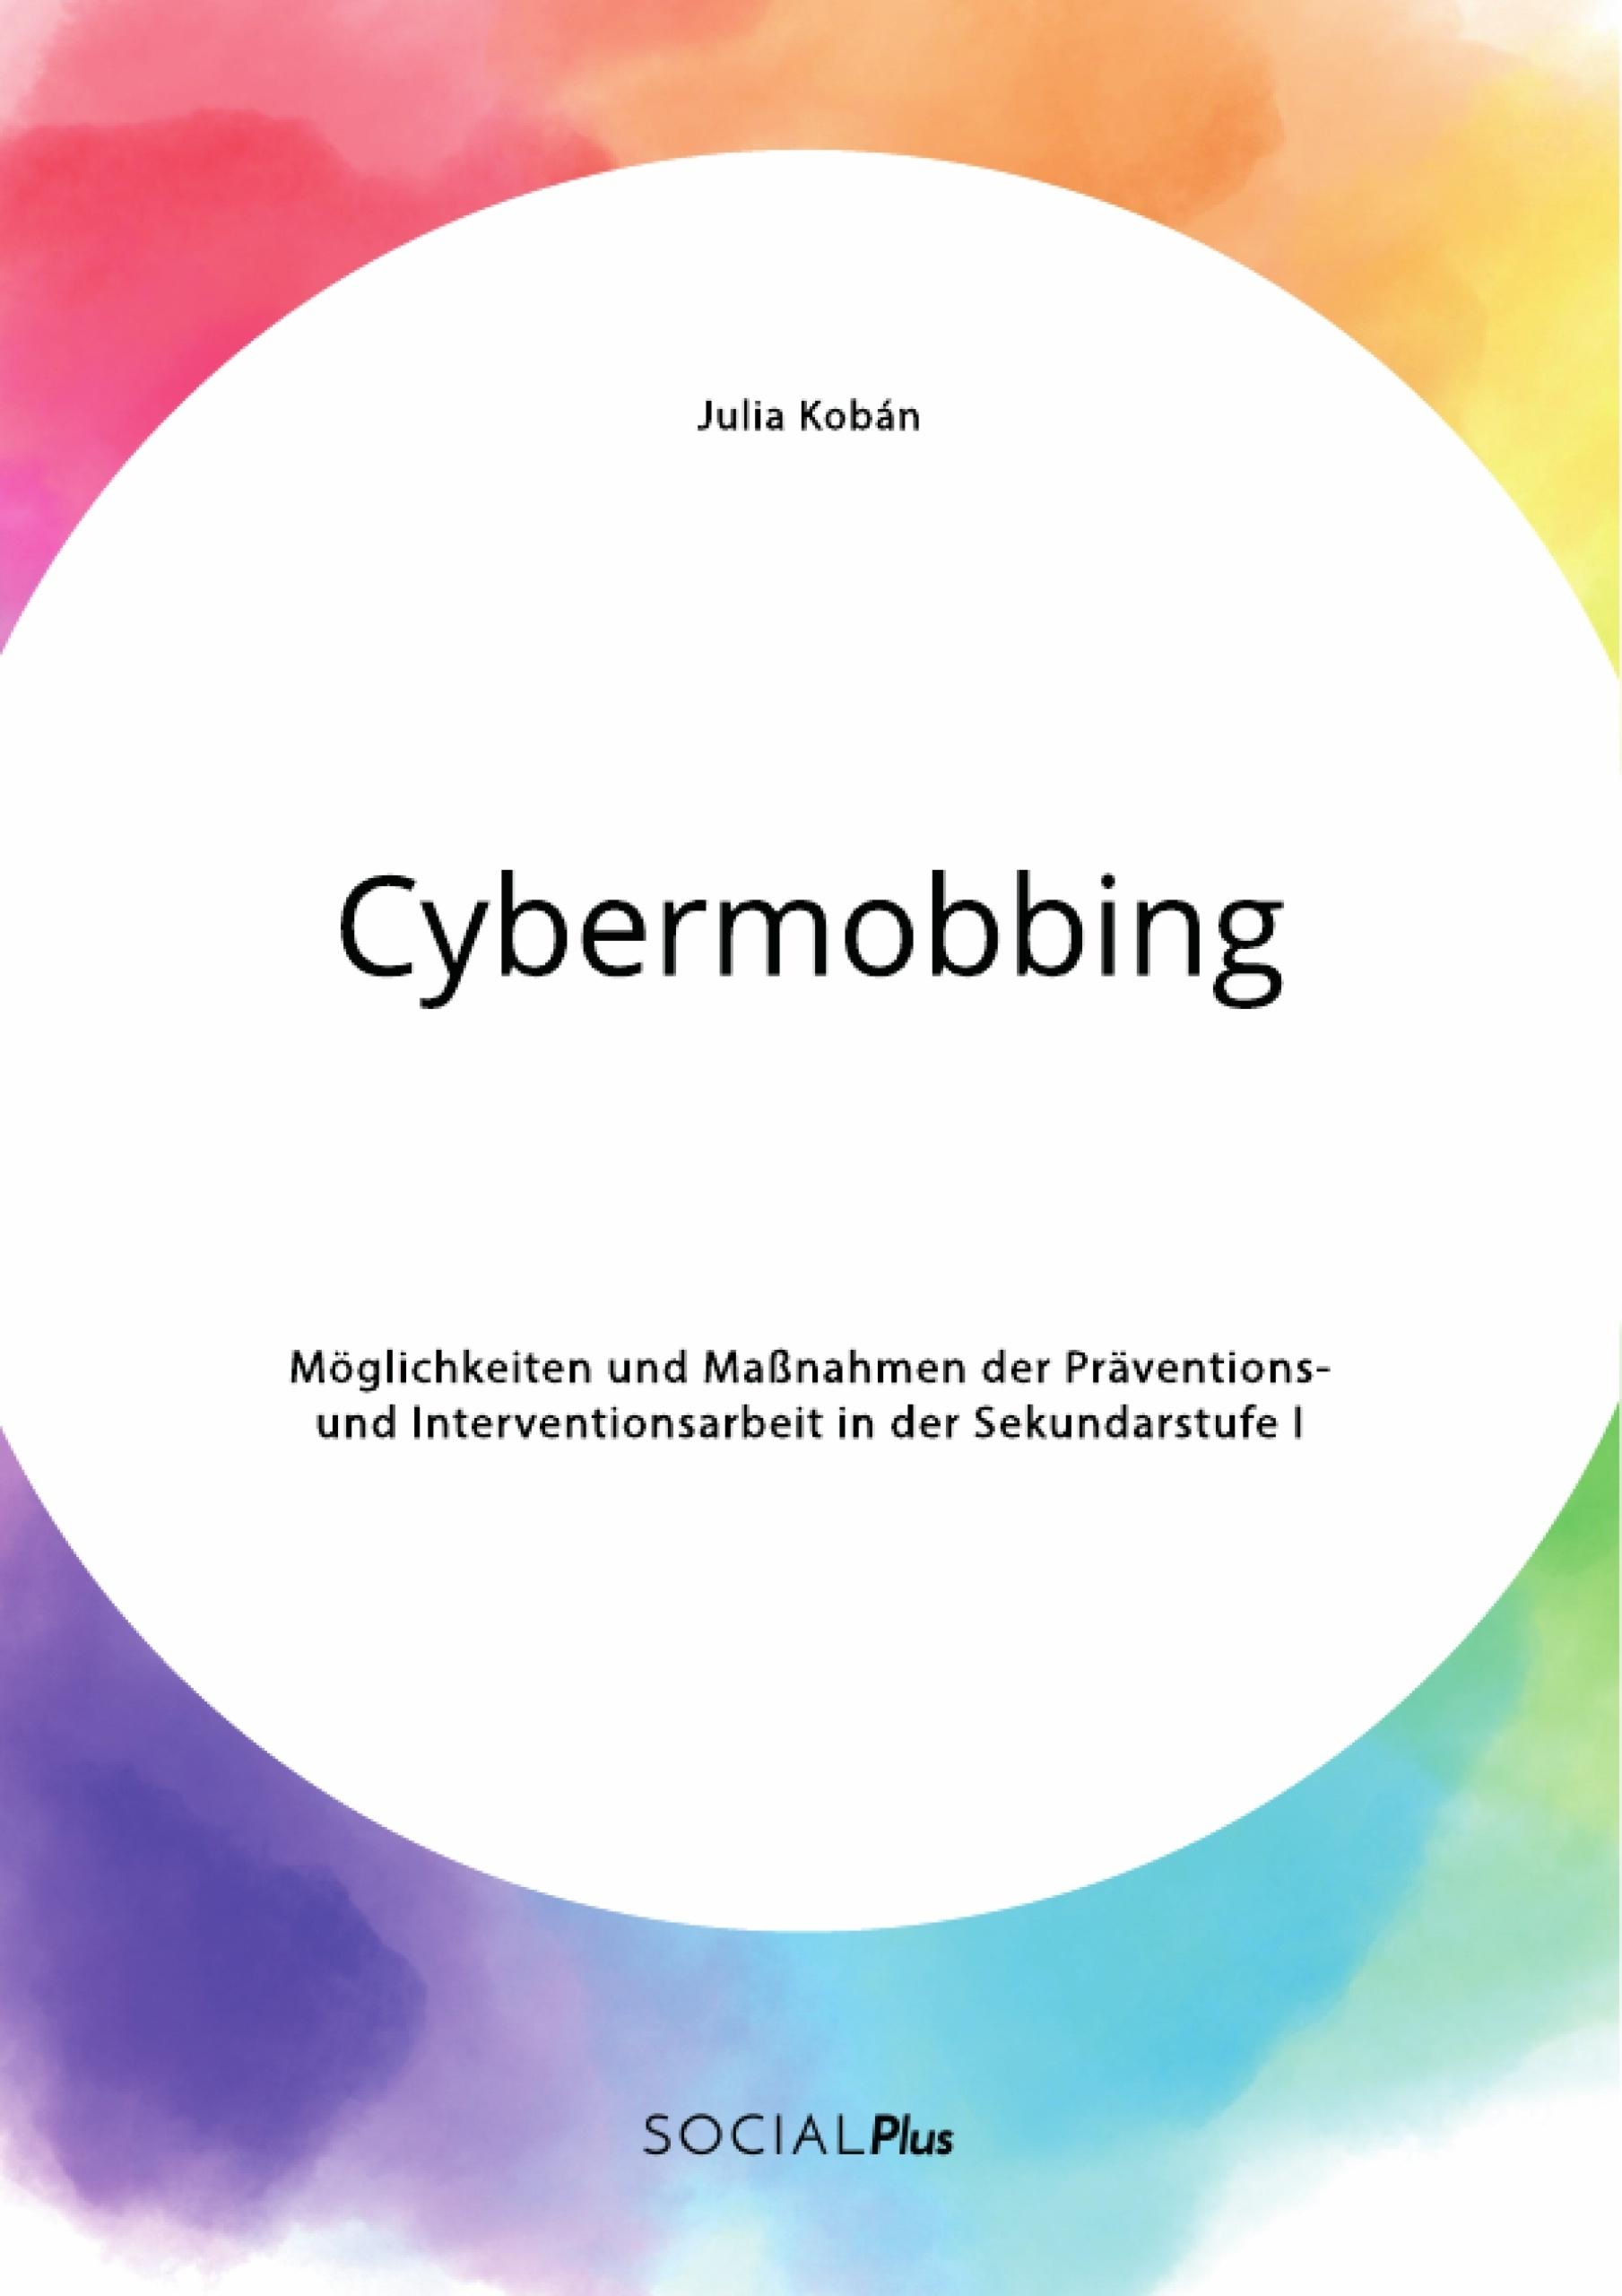 Titel: Cybermobbing. Möglichkeiten und Maßnahmen der Präventions- und Interventionsarbeit in der Sekundarstufe I